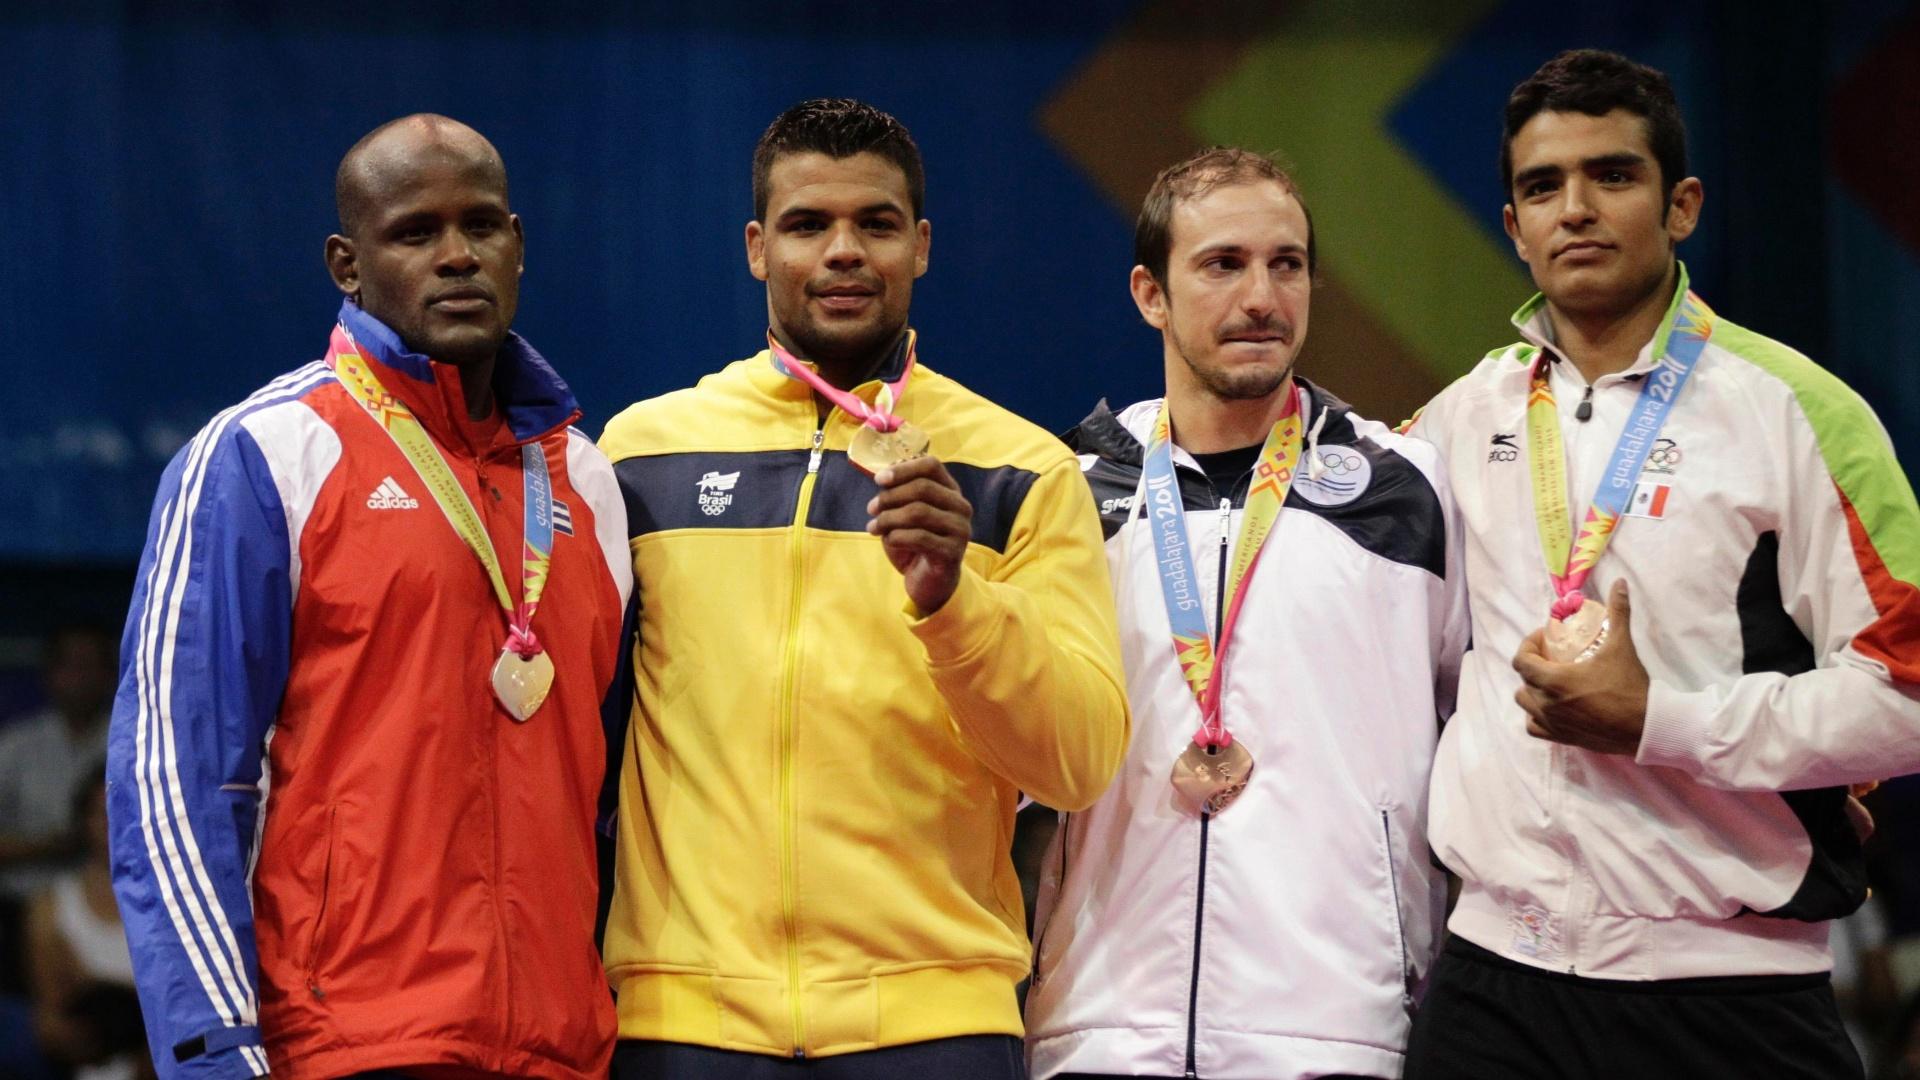 Luciano Correa exibe medalha de ouro conquistada categoria até 100 kg do judô no Pan-Americano (26/10/2011)